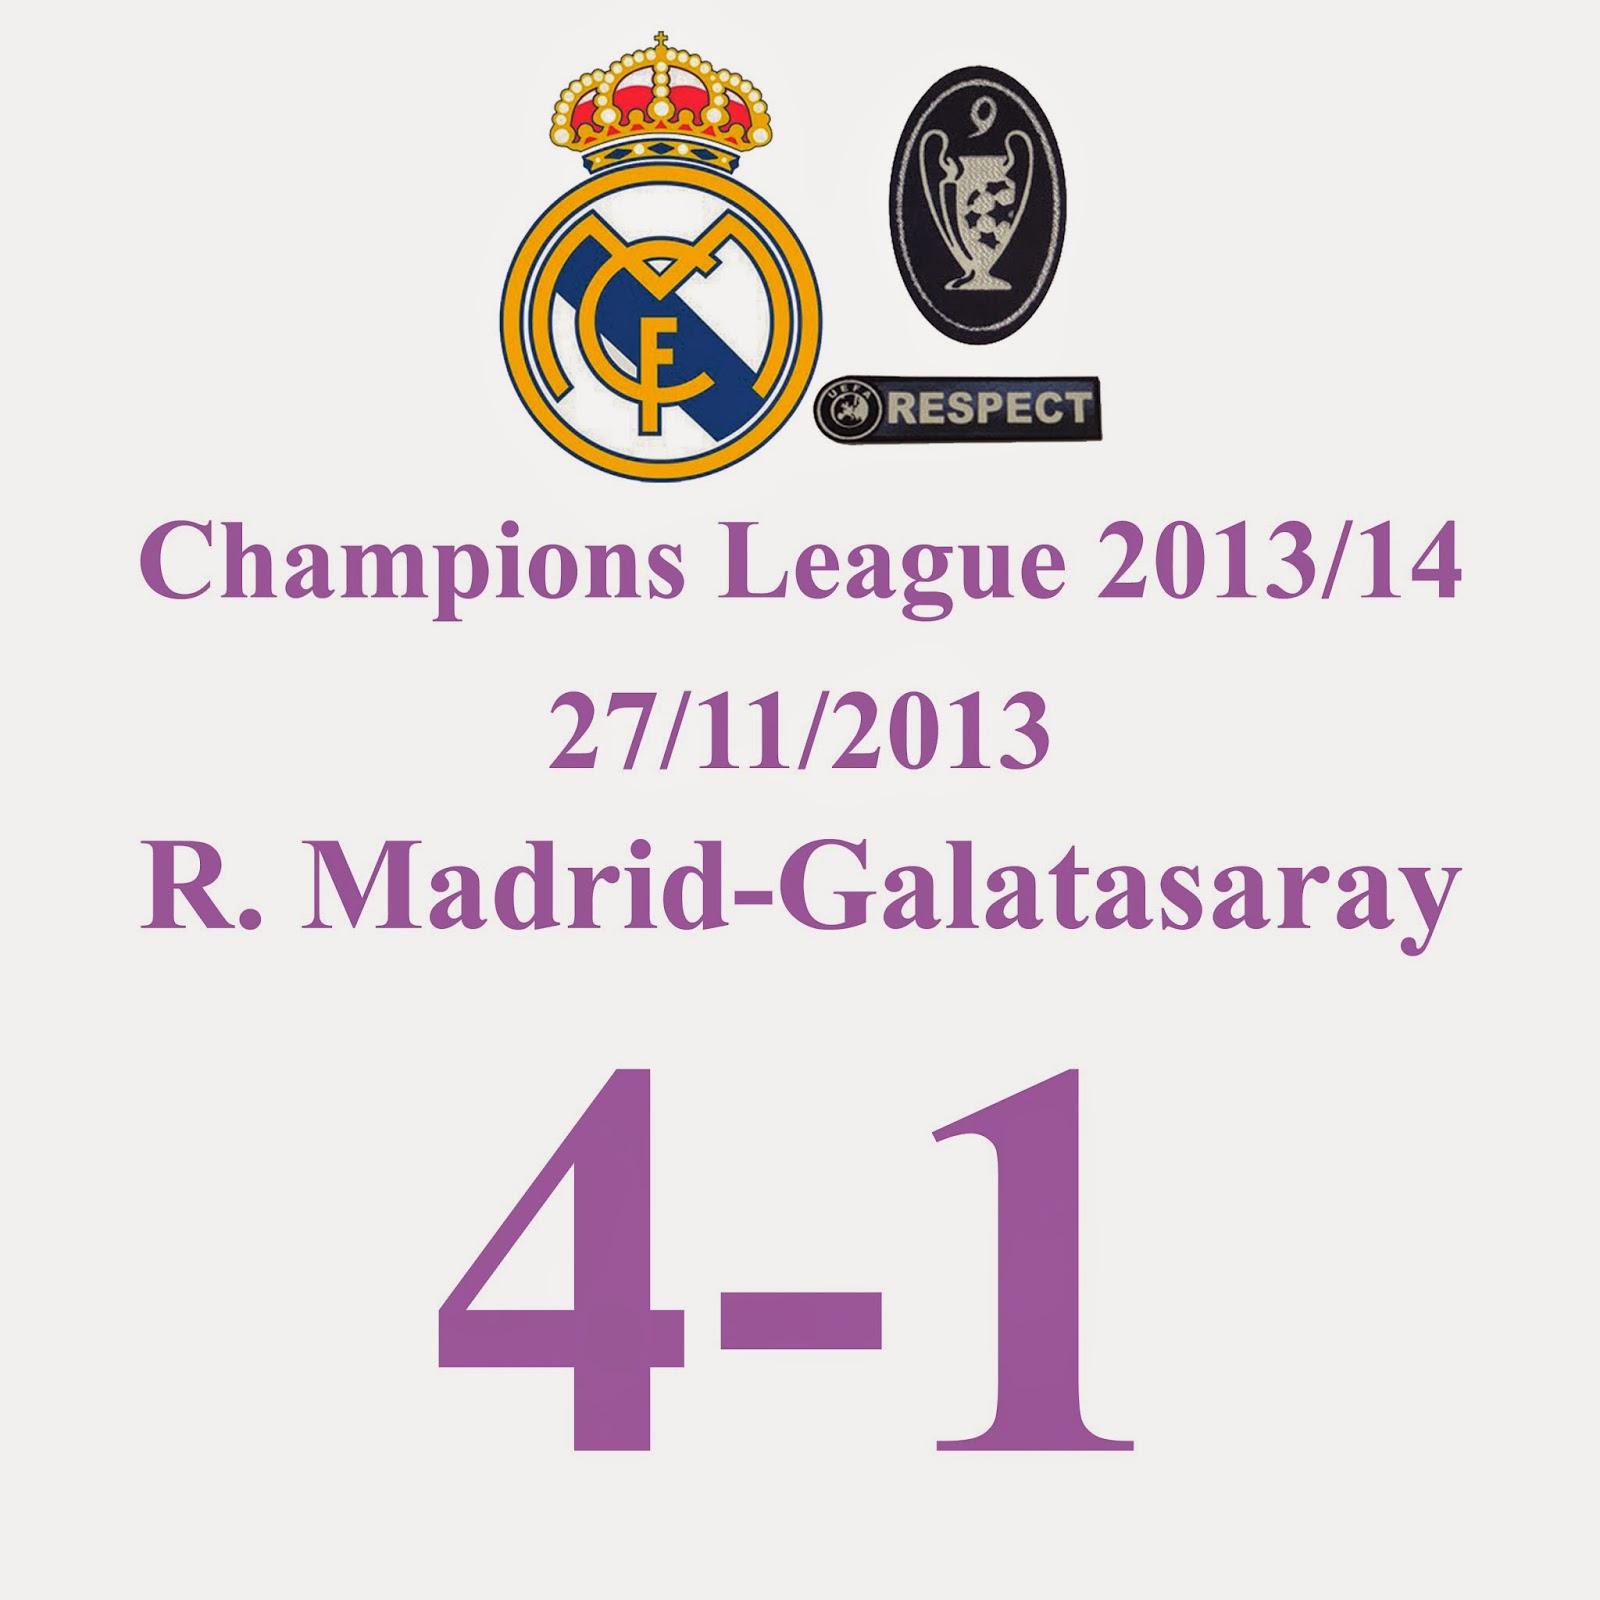 Real Madrid 4 - 1 Galatasaray - Goleada del R.Madrid con 10 Jugadores y además se clasifica como primero de grupo.